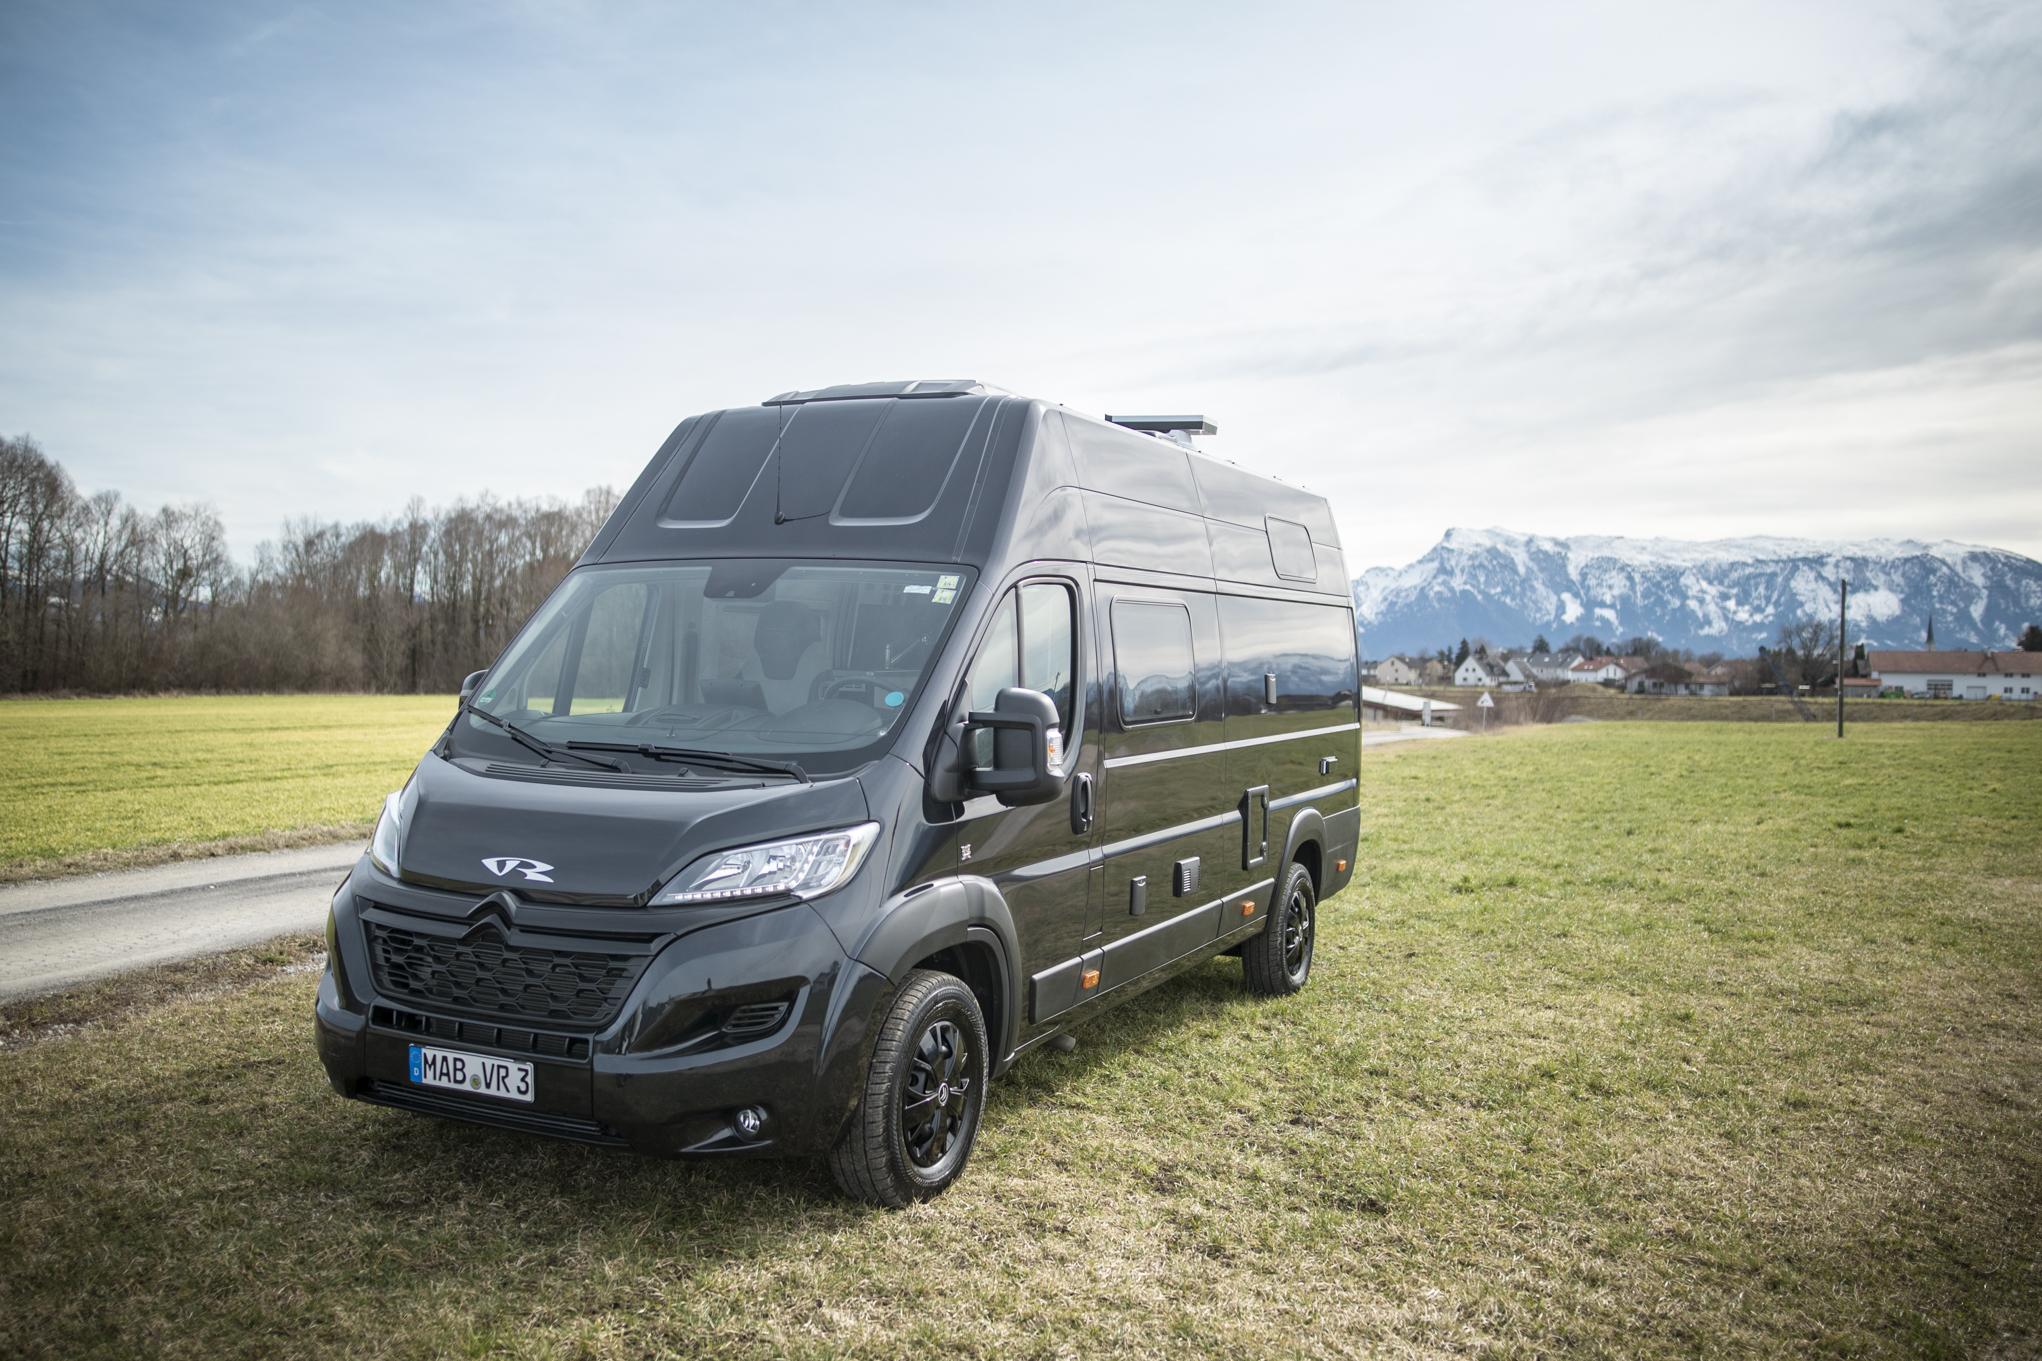 VR racevan van crafter  sprinter wohmobil motorradgarage heckgarage  VR46 race van kastenwagen nutzfahrzeuge